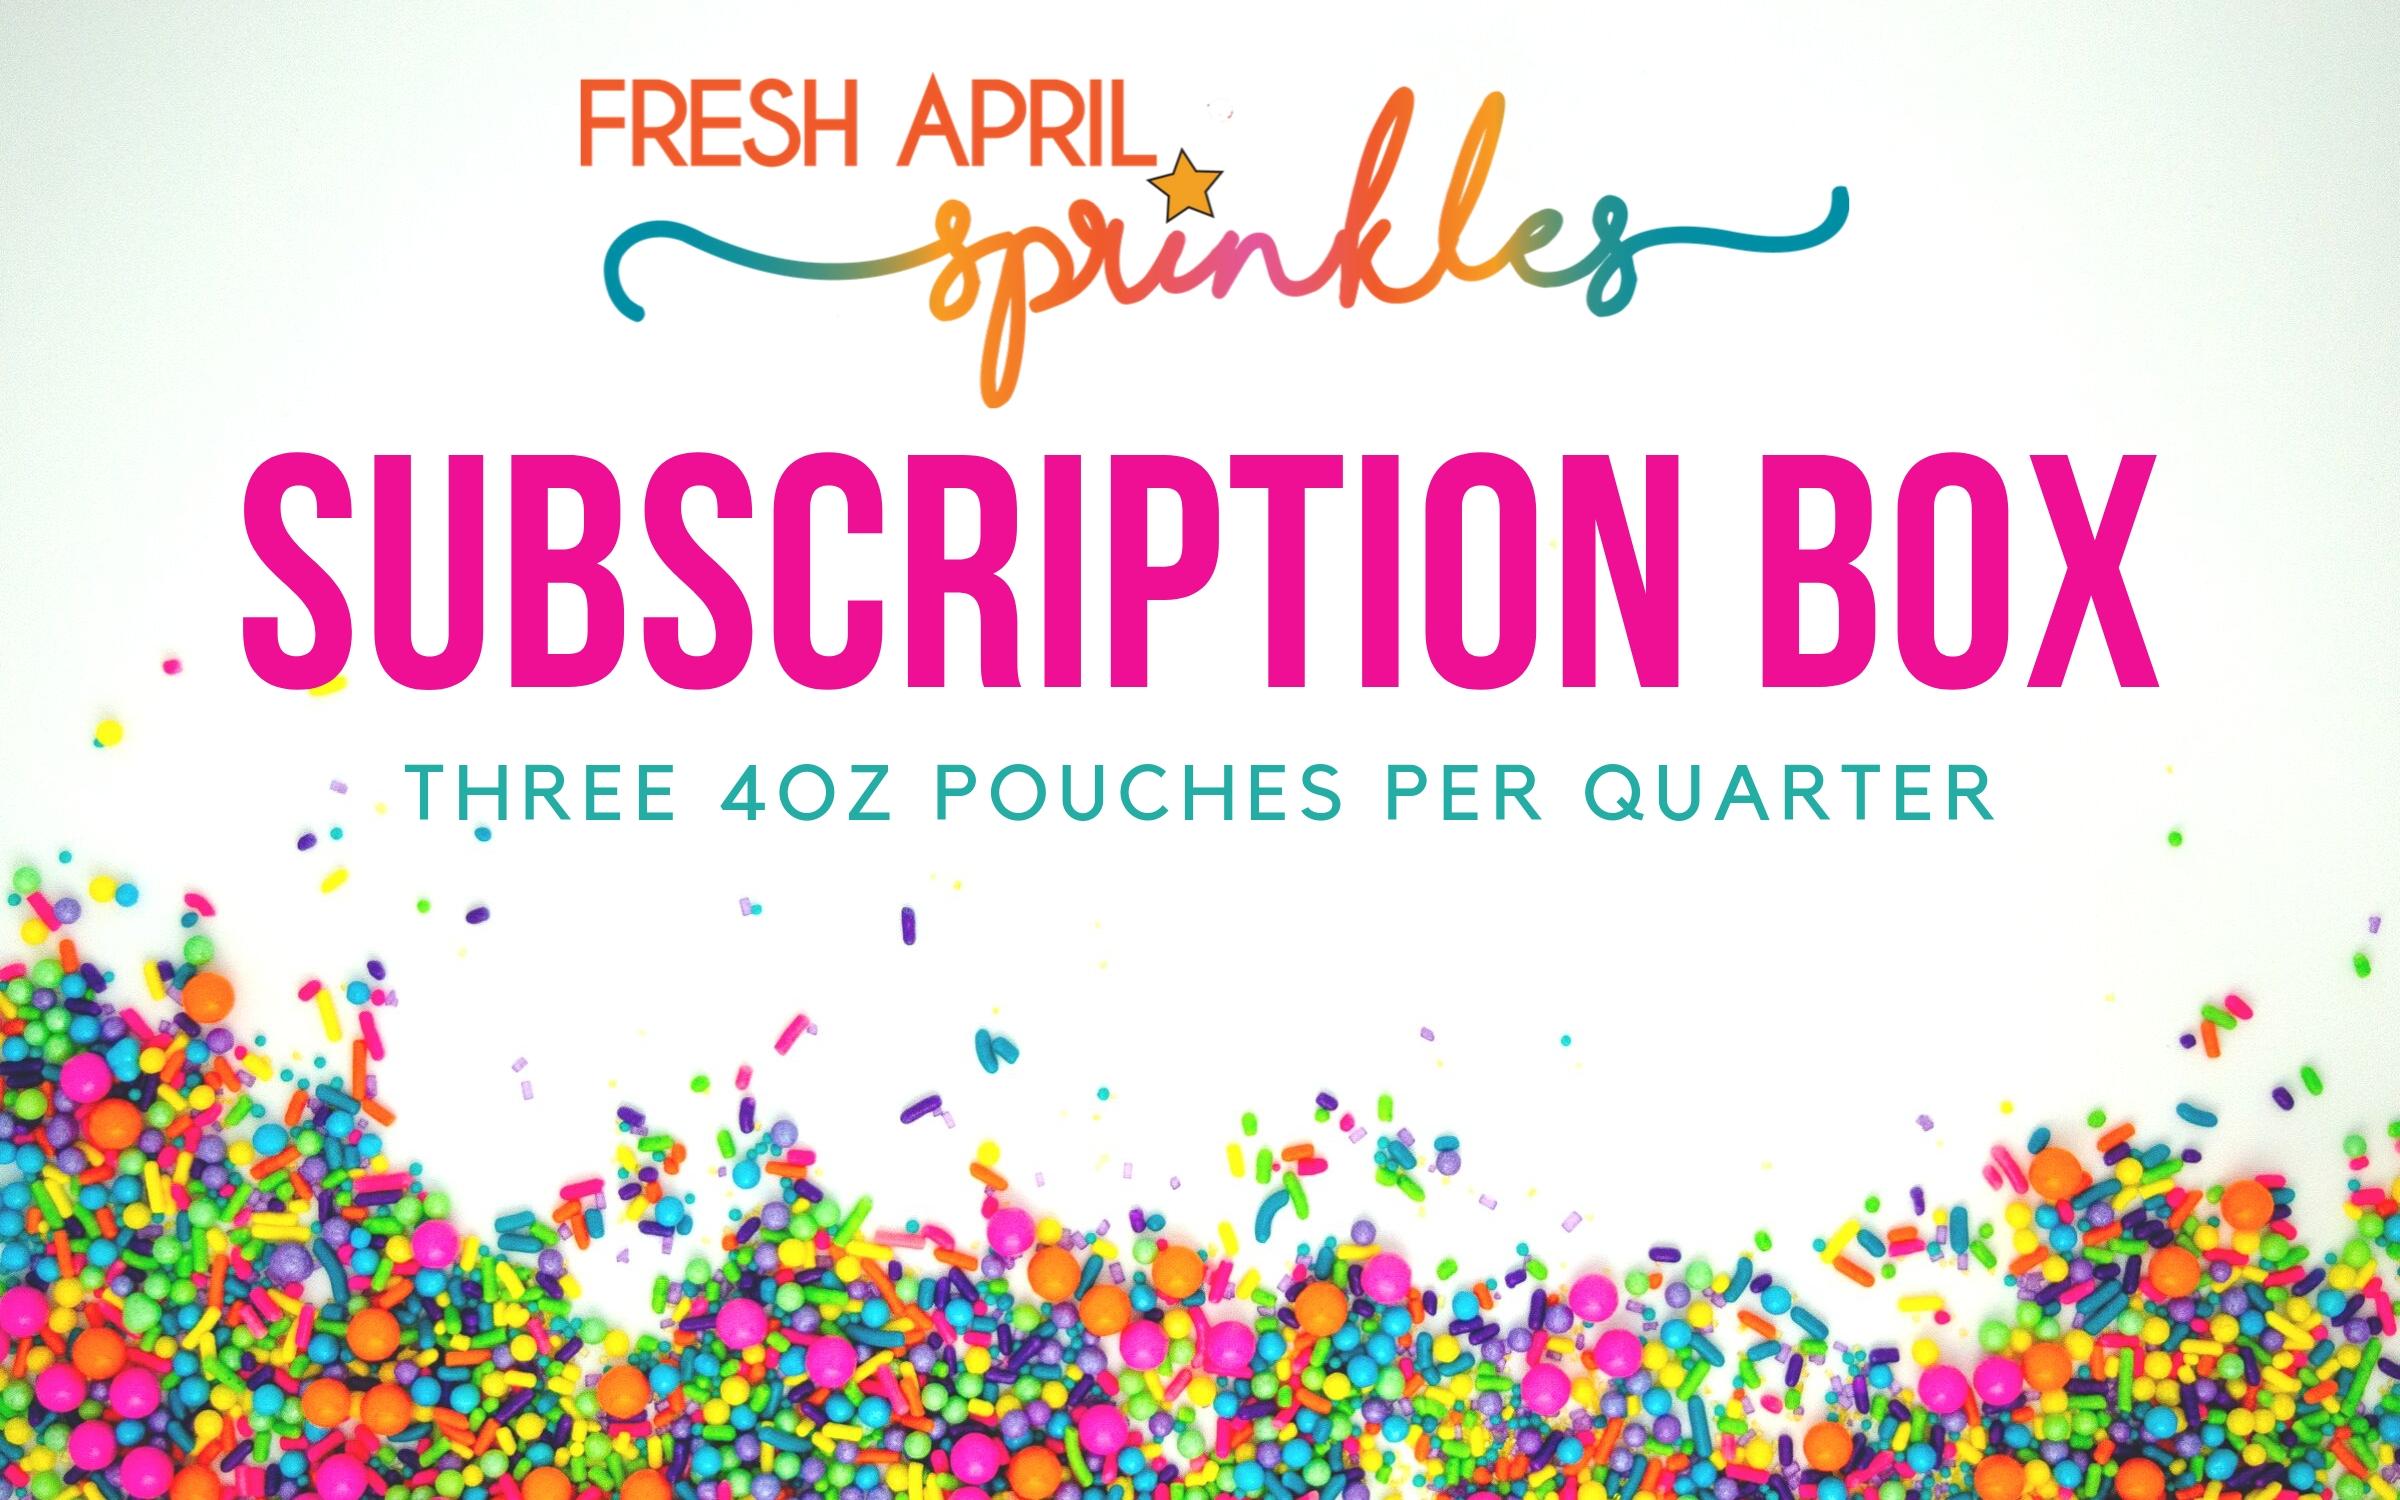 seasonal sprinkles, sprinkle subscription